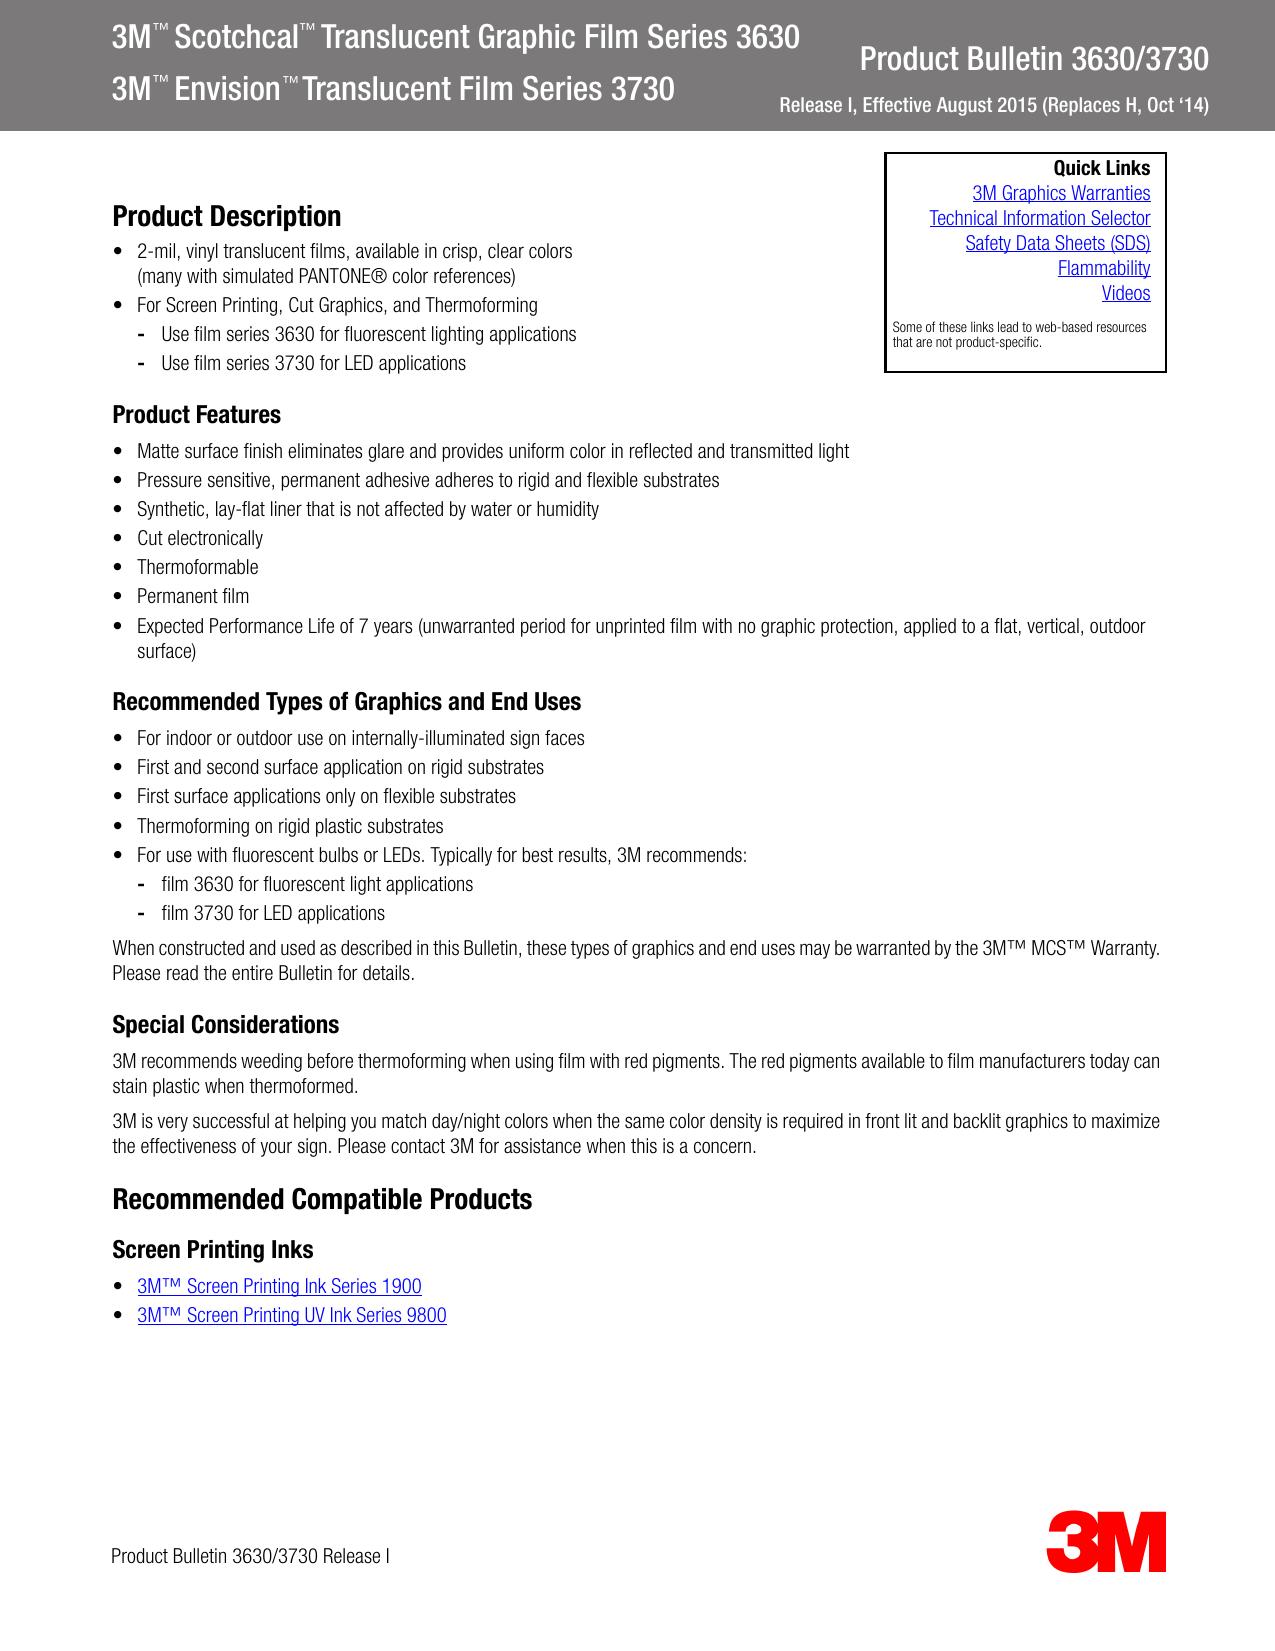 3m Graphic Film Controltac 3m Translucent Graphic Manualzz